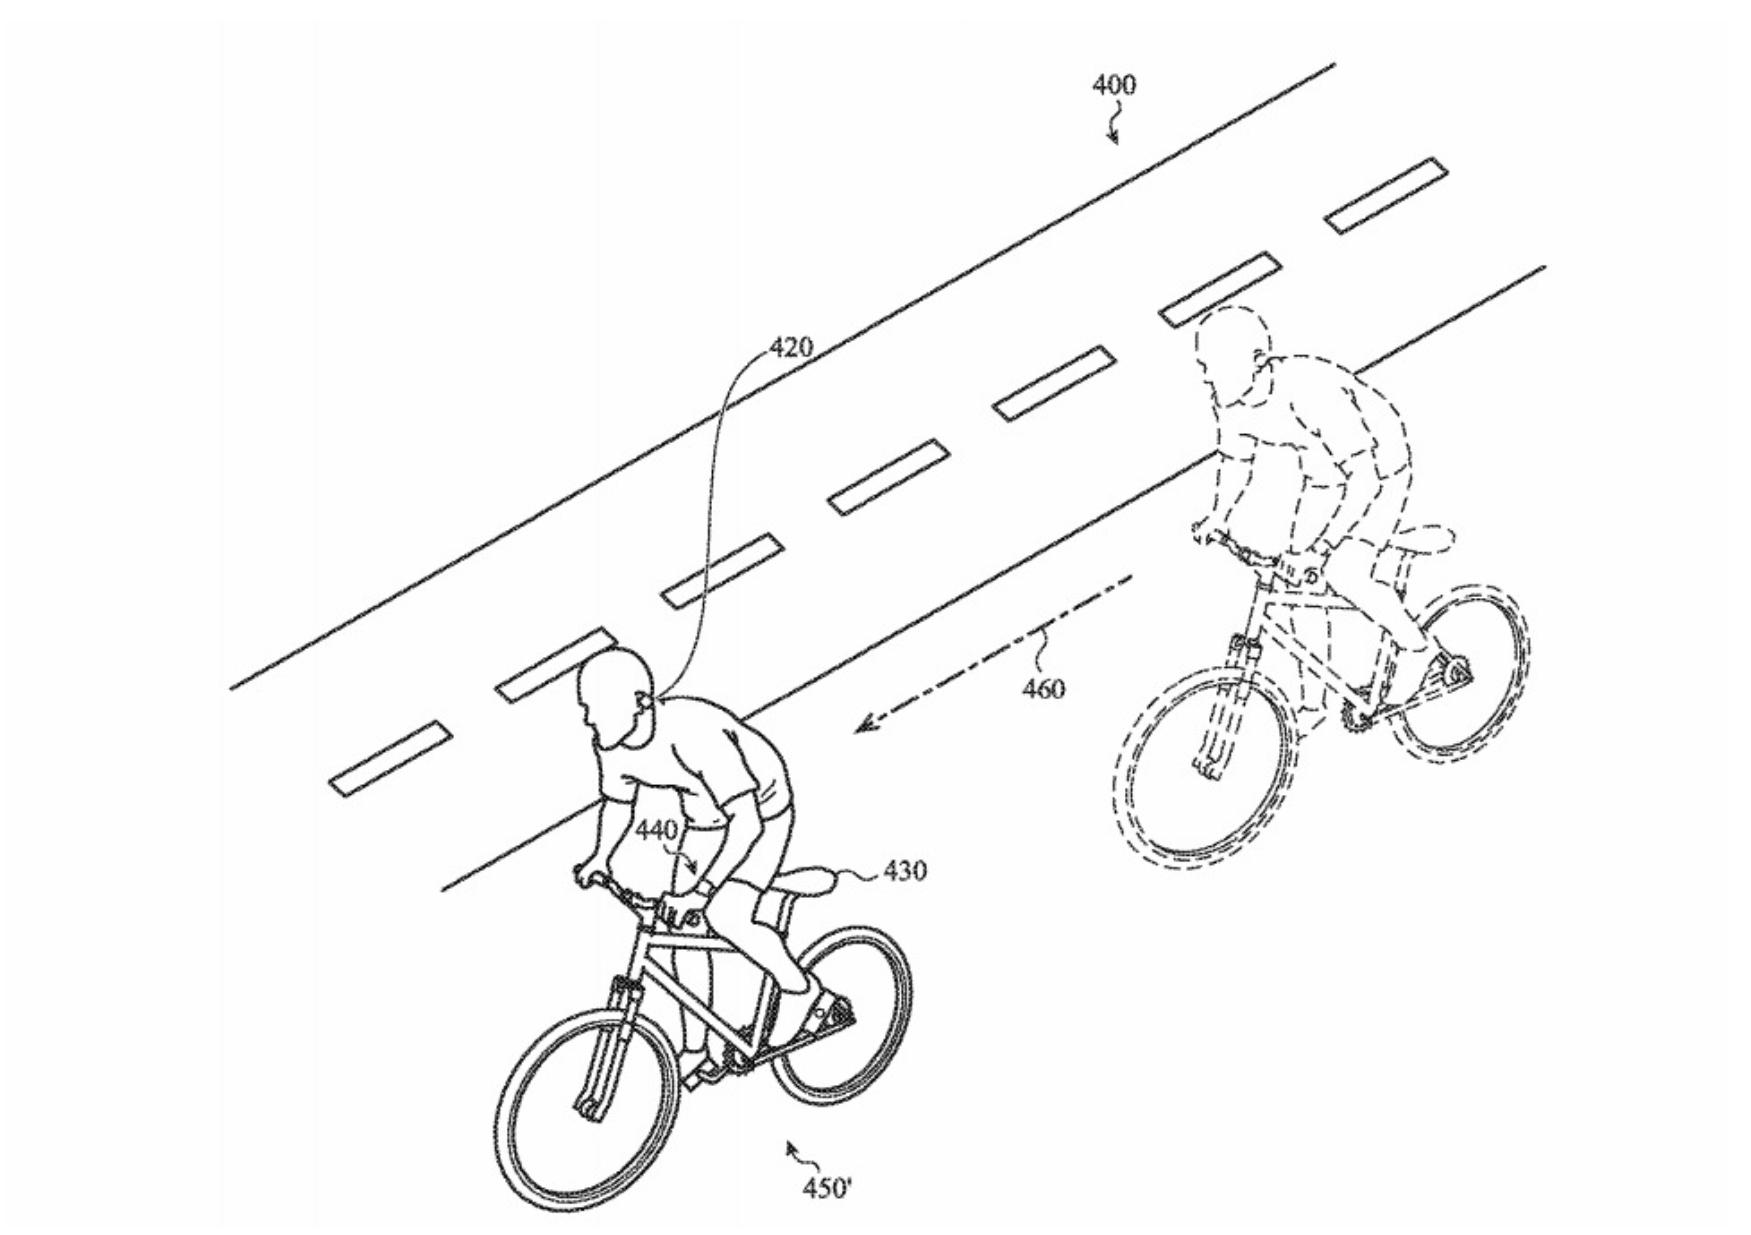 苹果新专利曝光!未来AirPods或可自动调整音频 帮助用户避开险情